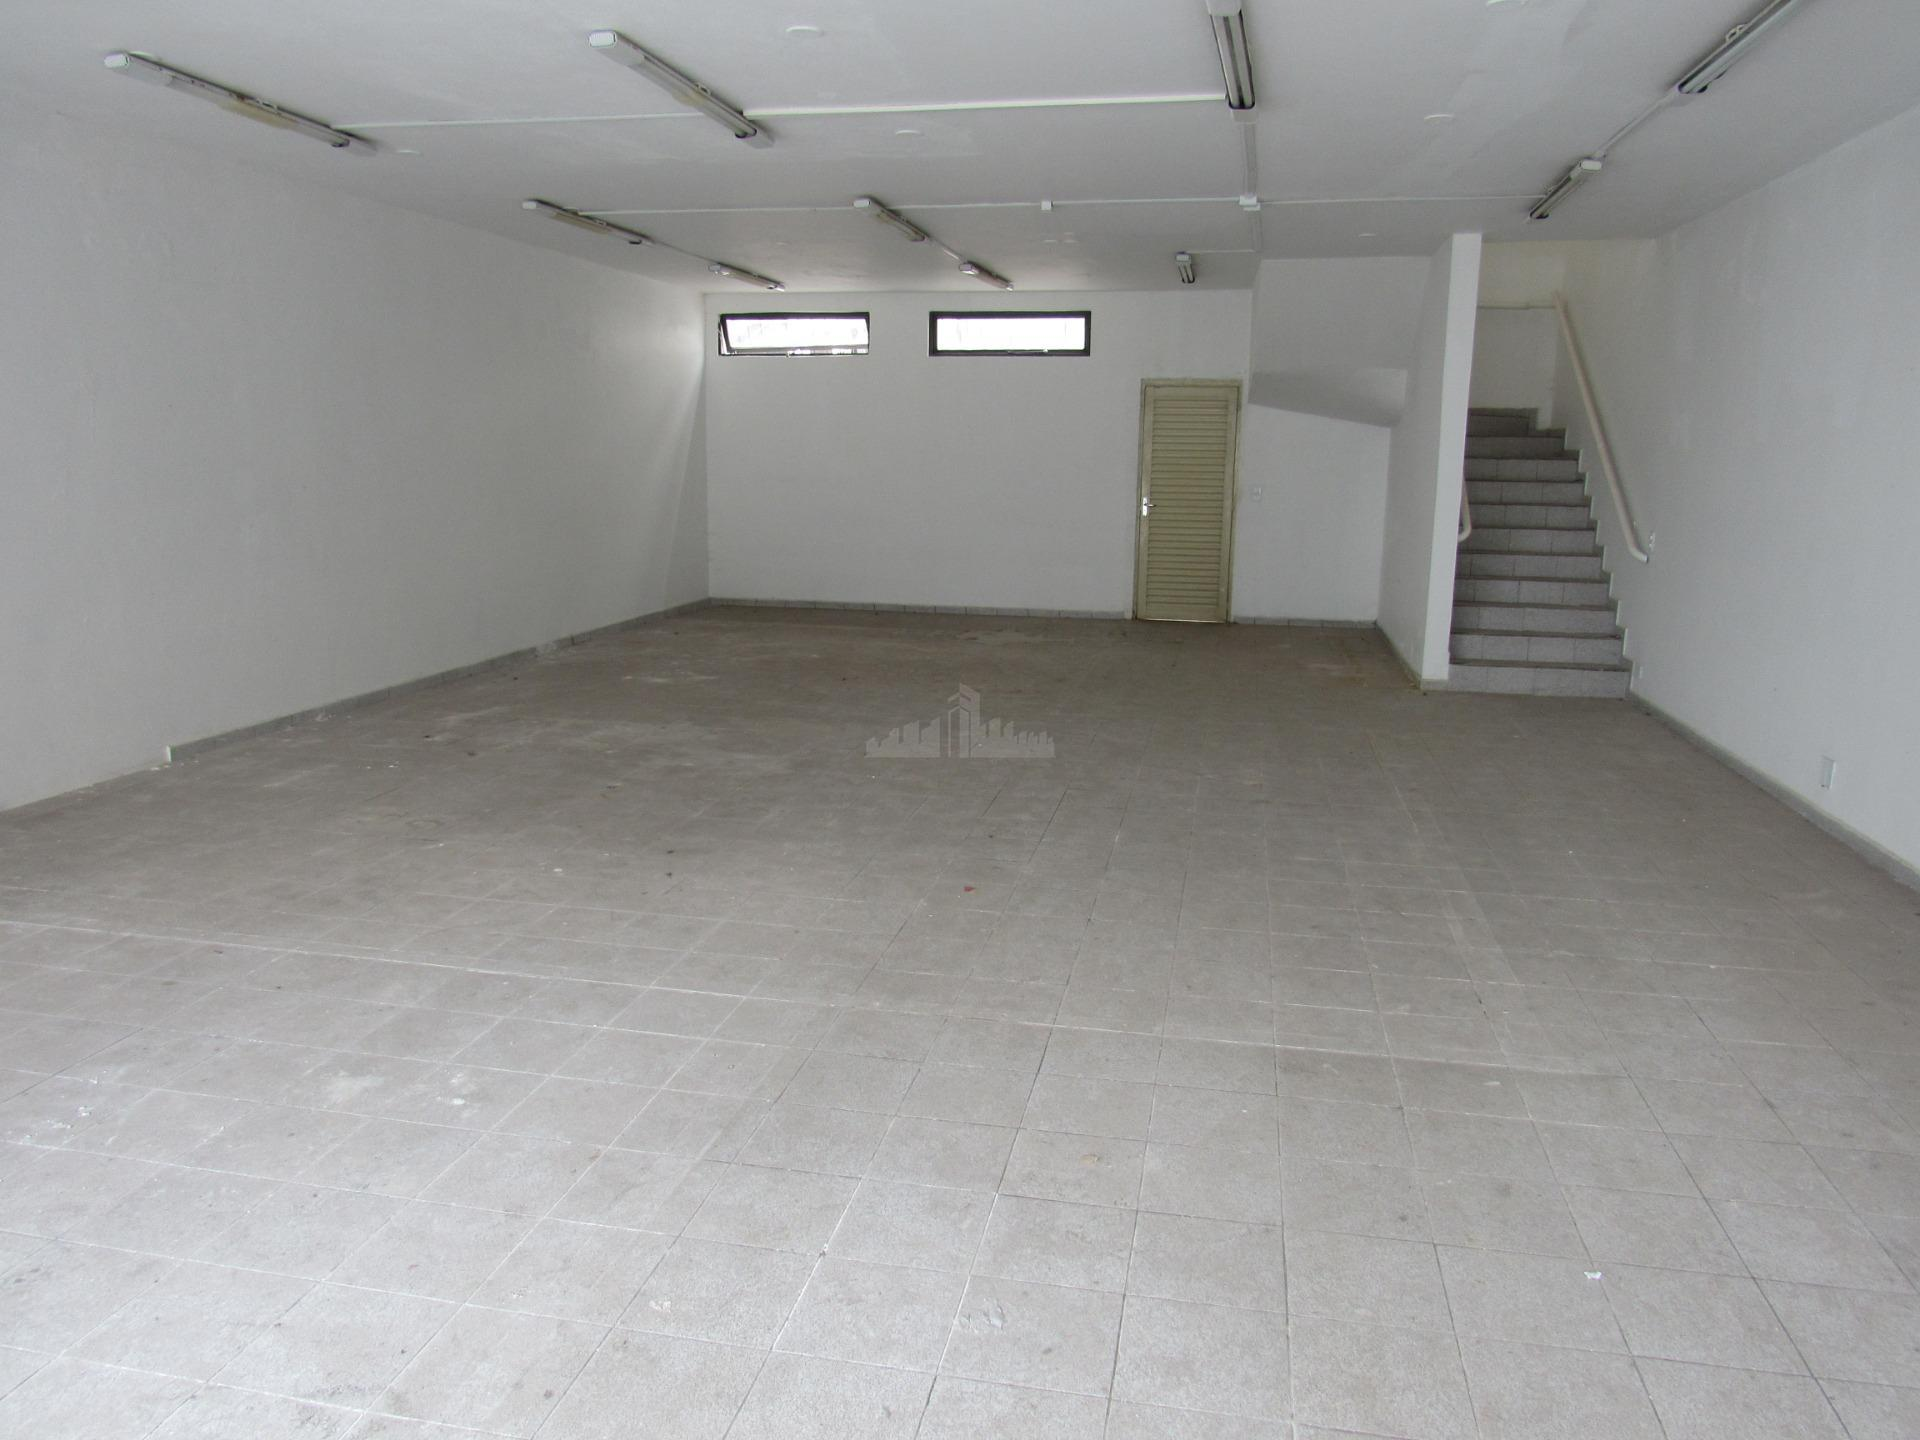 Sala comercial para locação, Alphaville, Santana de Parnaíba.